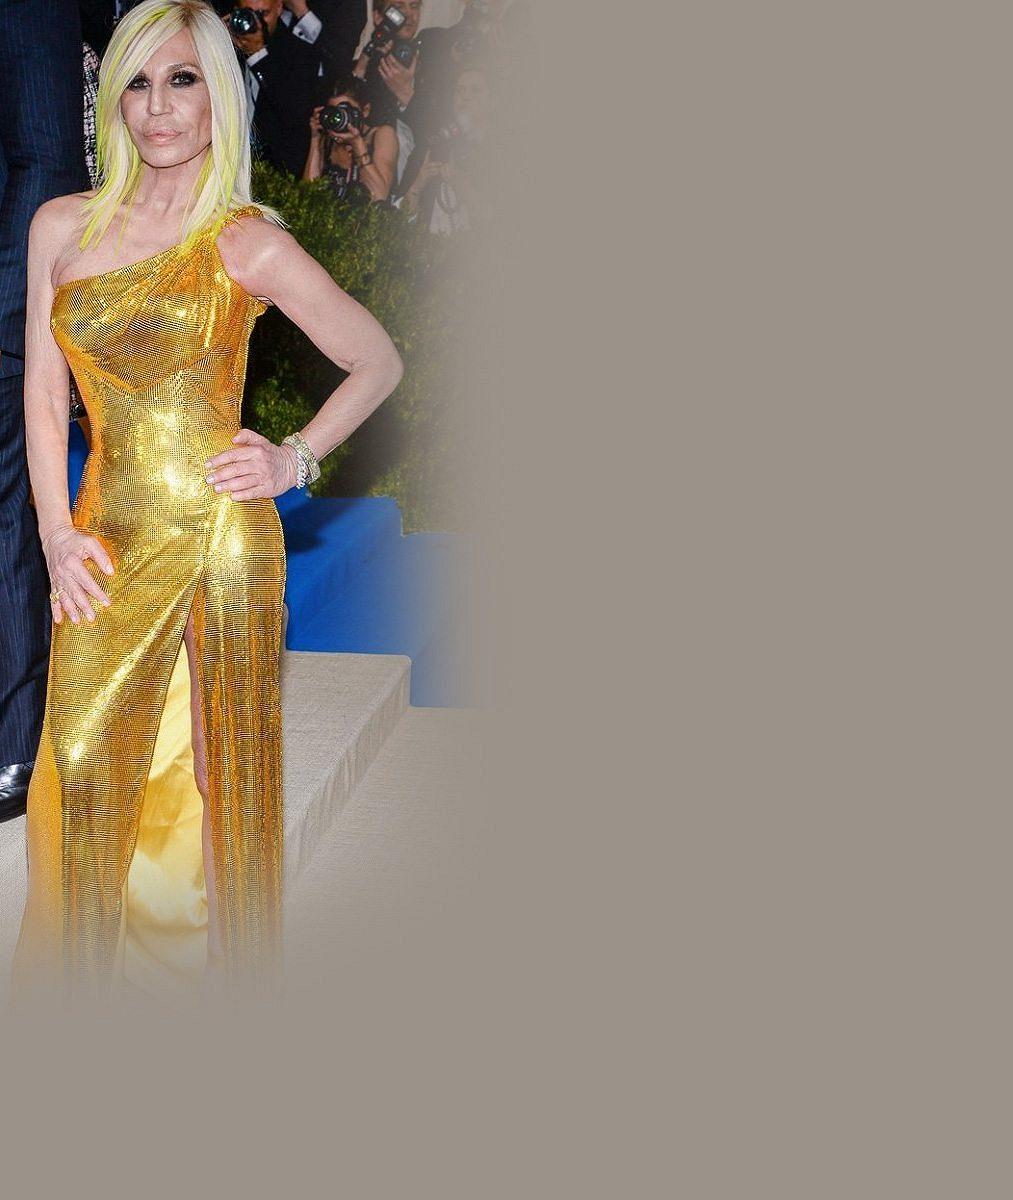 Děsivá Donatella Versace celá zezlátla: Ve vysokém rozparku ukázala svraštělou nožku